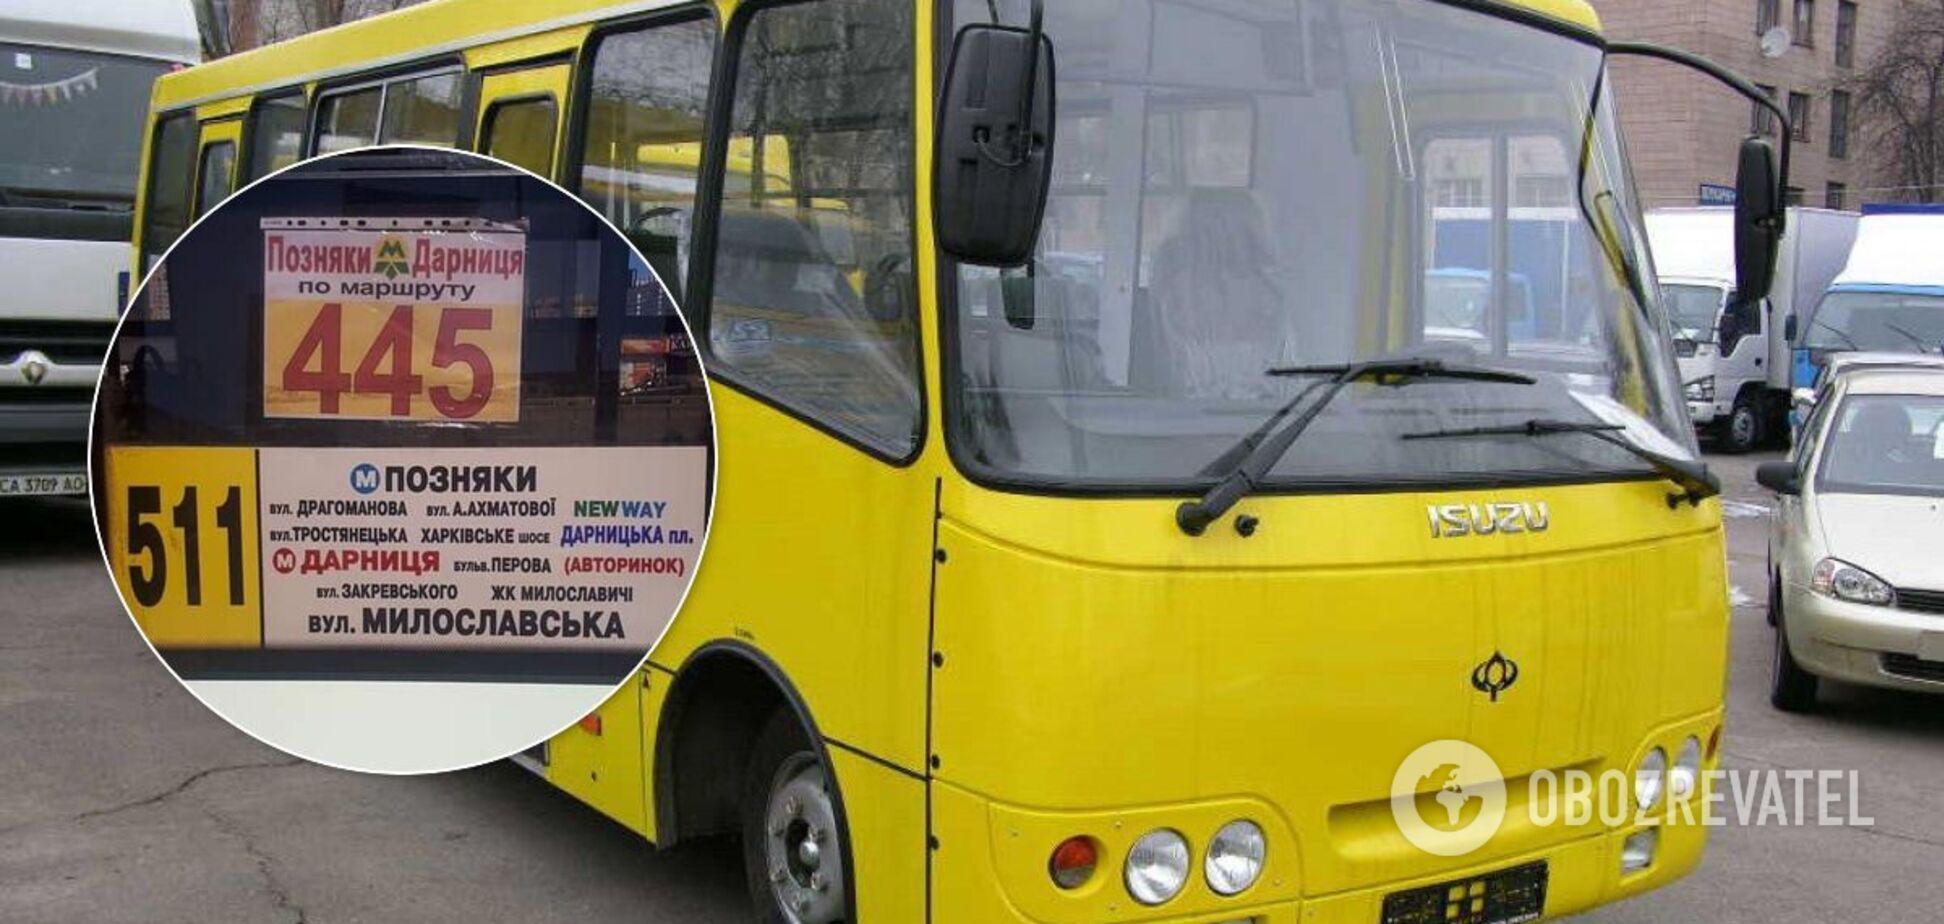 Инцидент произошел в маршрутке №511 на Позняках